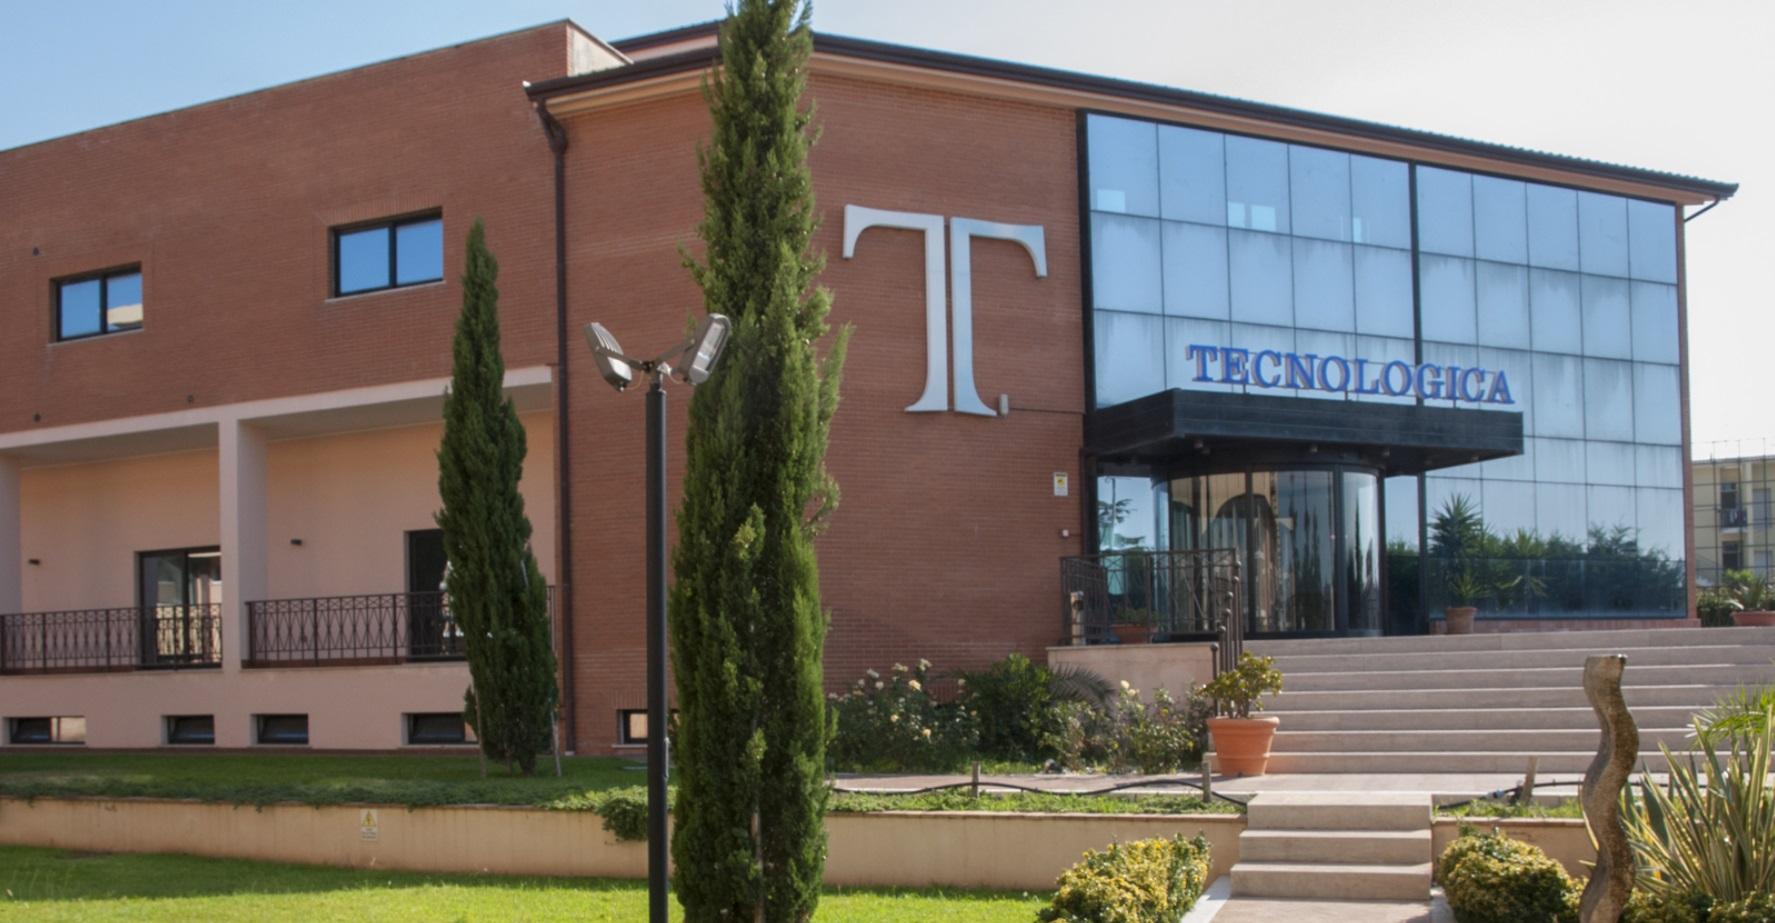 Da un laboratorio protesi a centro di ricerca avanzatoLa genesi del Tecnologica Research Institute di Marrelli